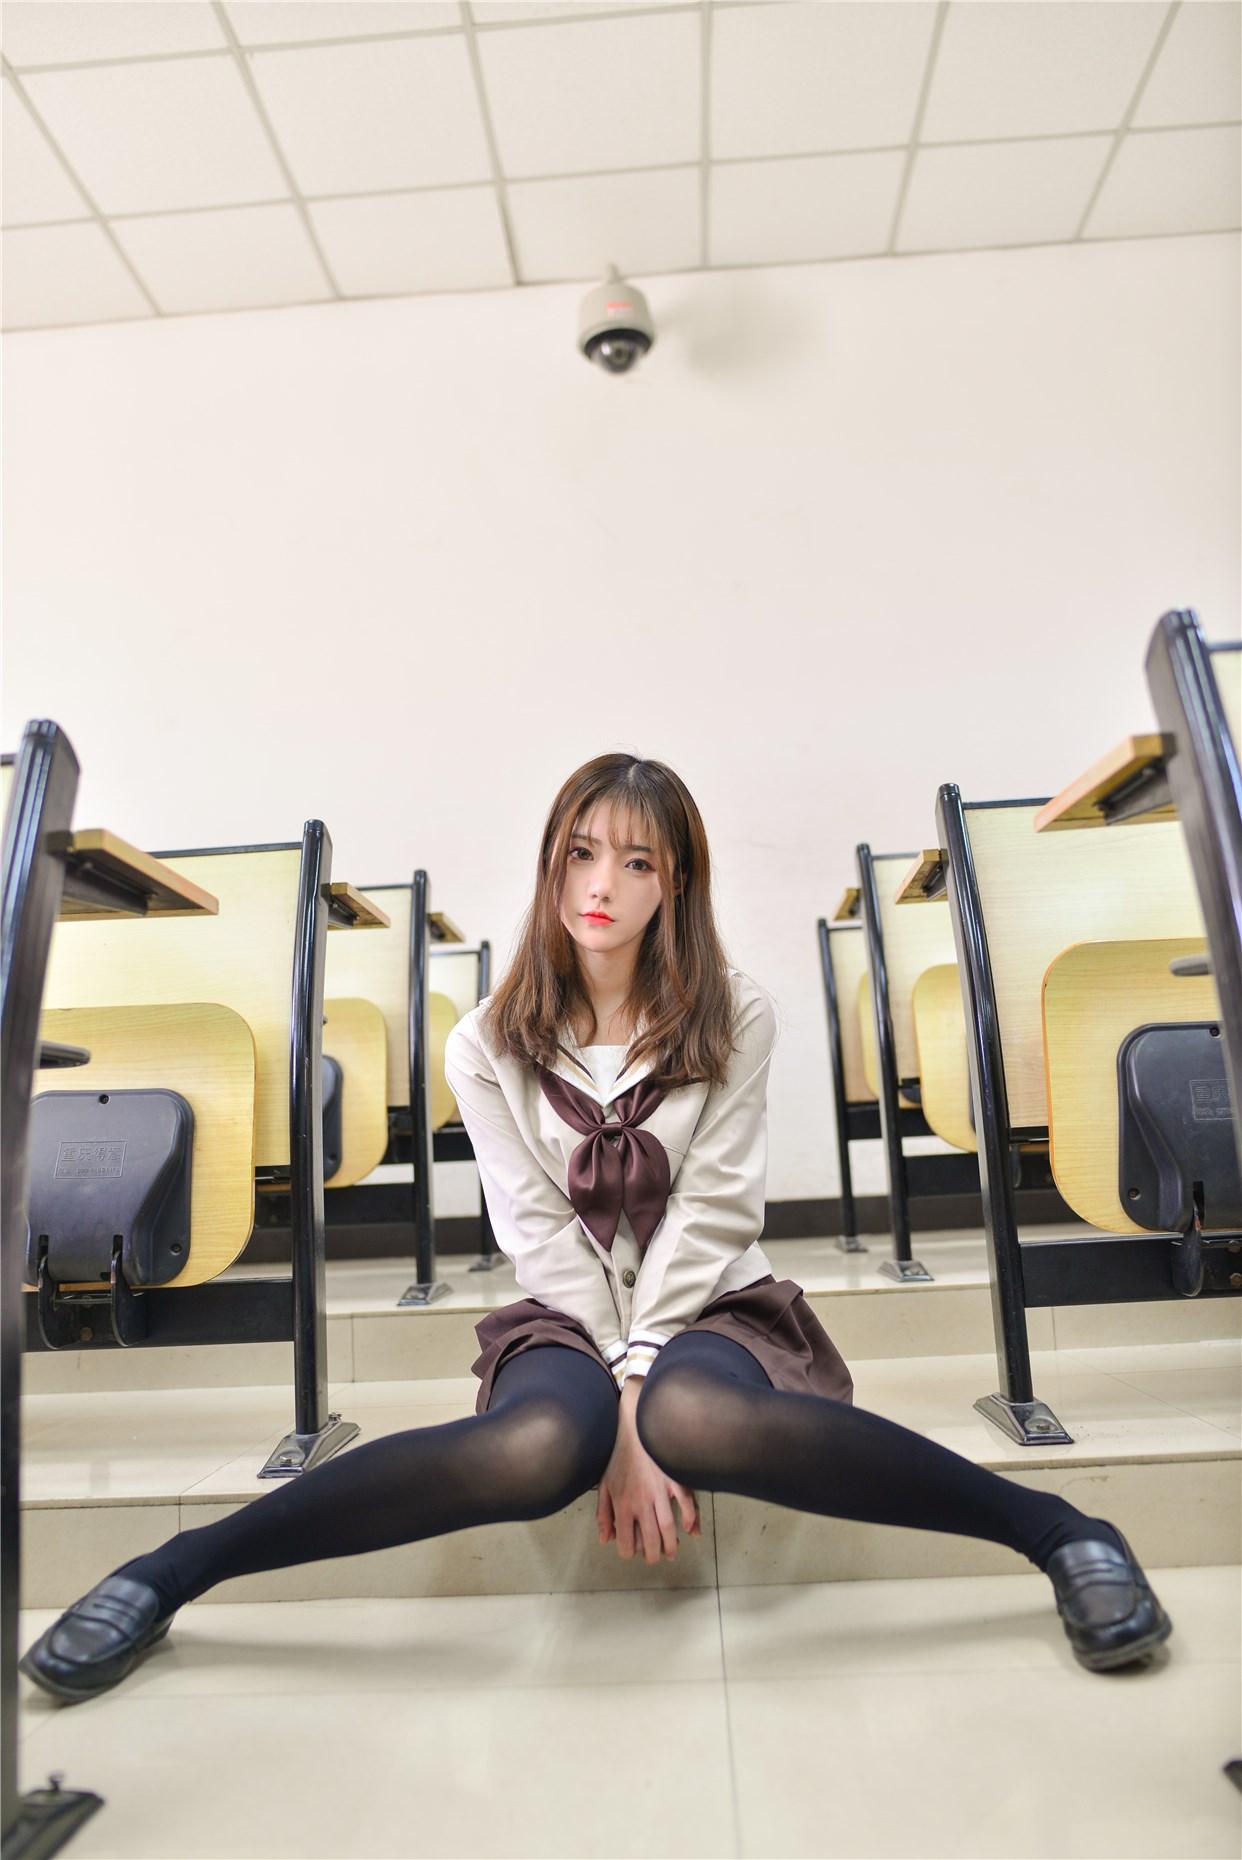 【兔玩映画】冬天里的JK黑丝 兔玩映画 第22张